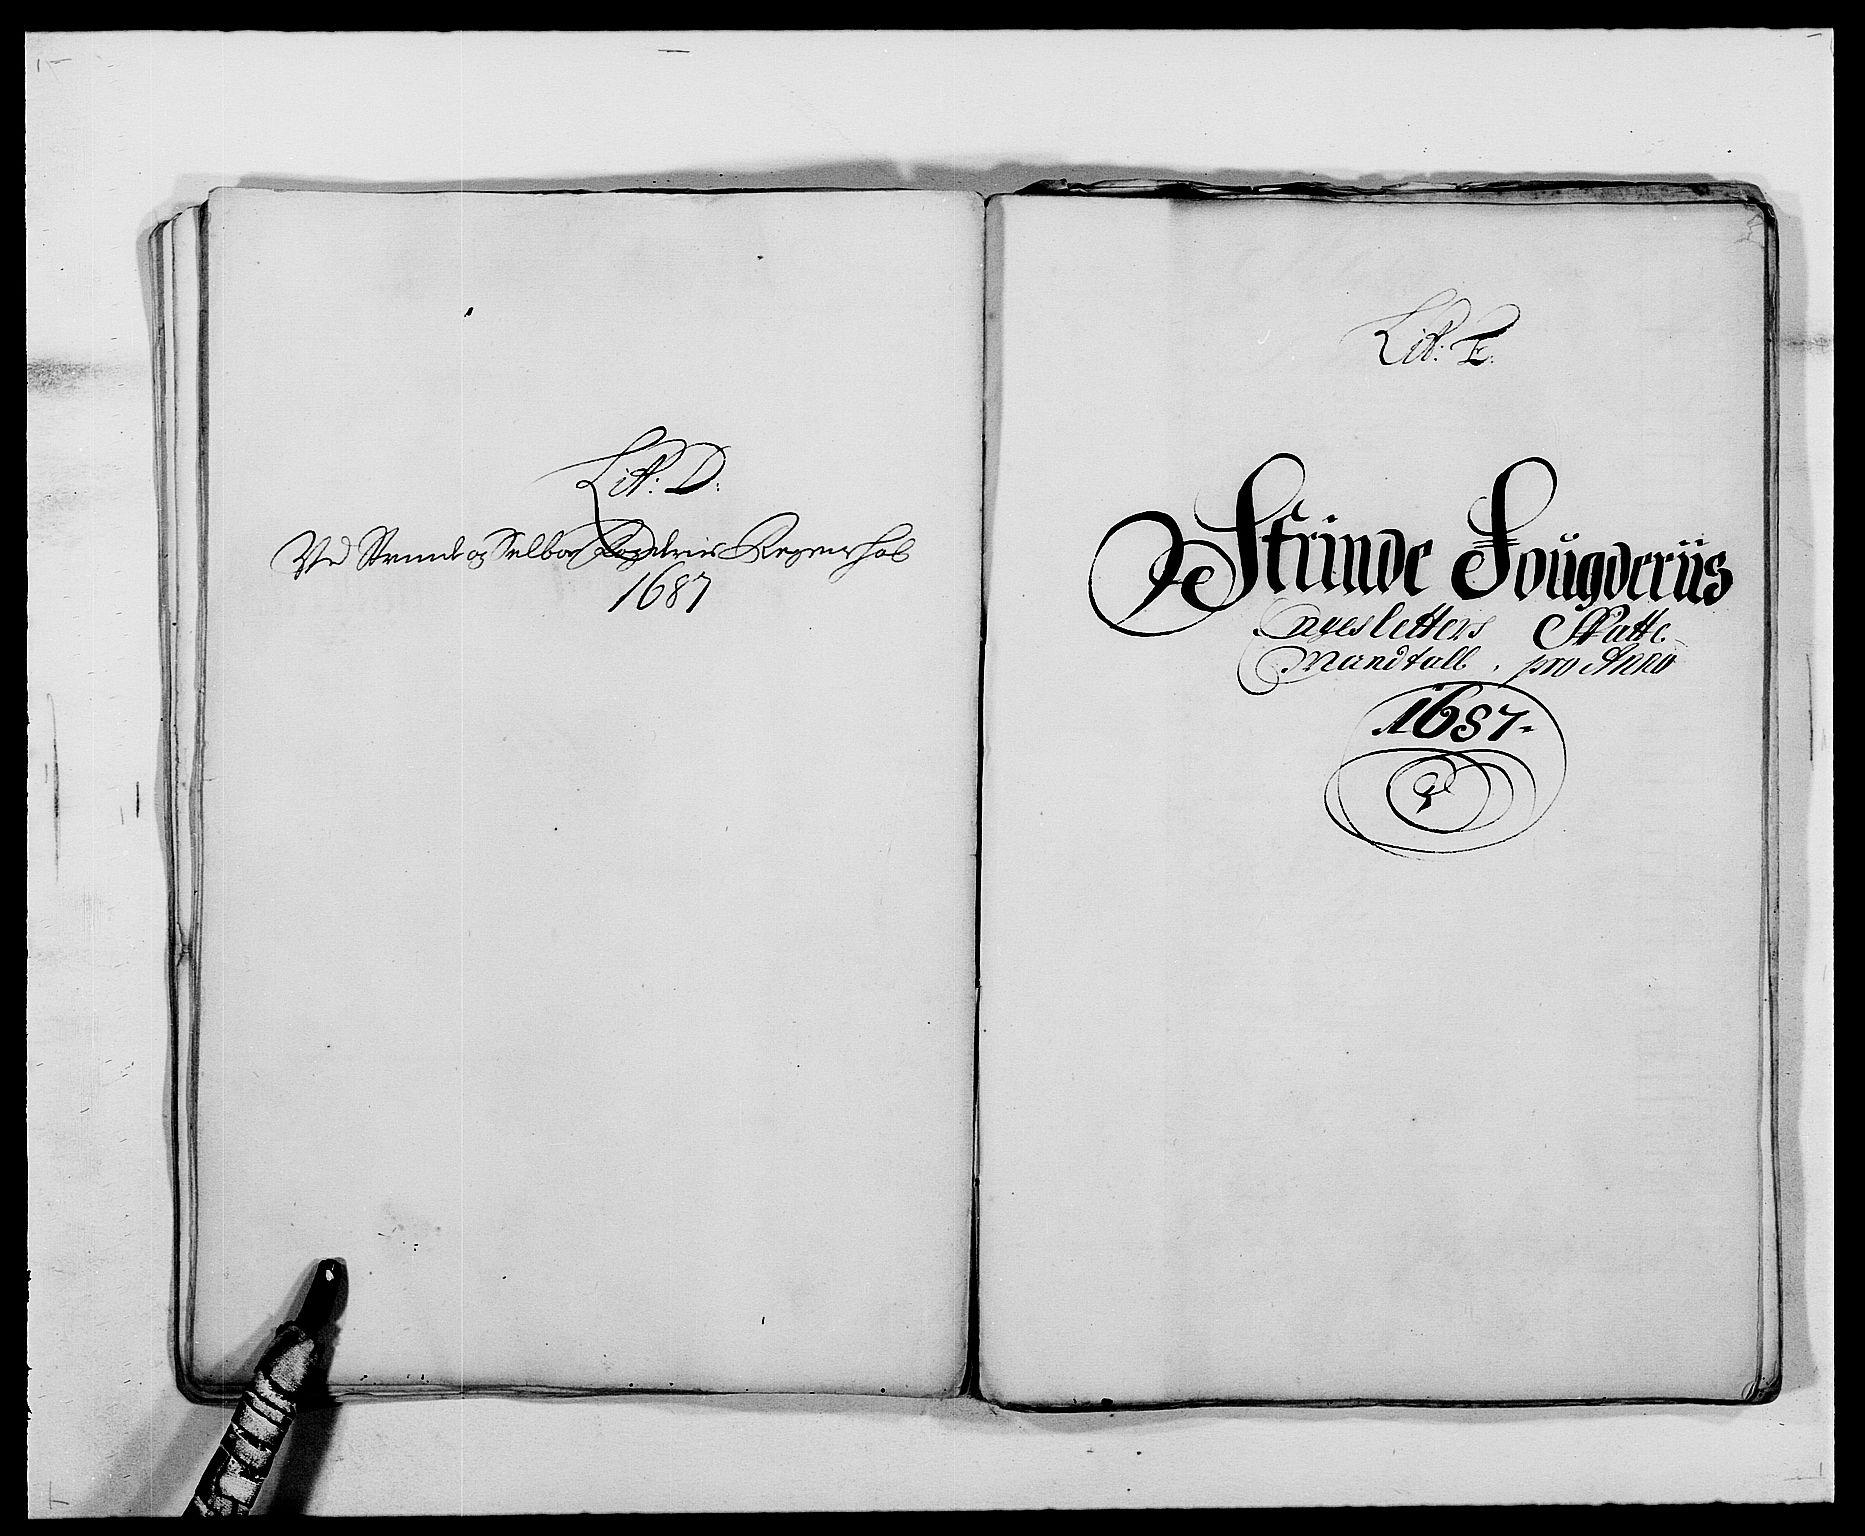 RA, Rentekammeret inntil 1814, Reviderte regnskaper, Fogderegnskap, R61/L4101: Fogderegnskap Strinda og Selbu, 1687-1688, s. 60